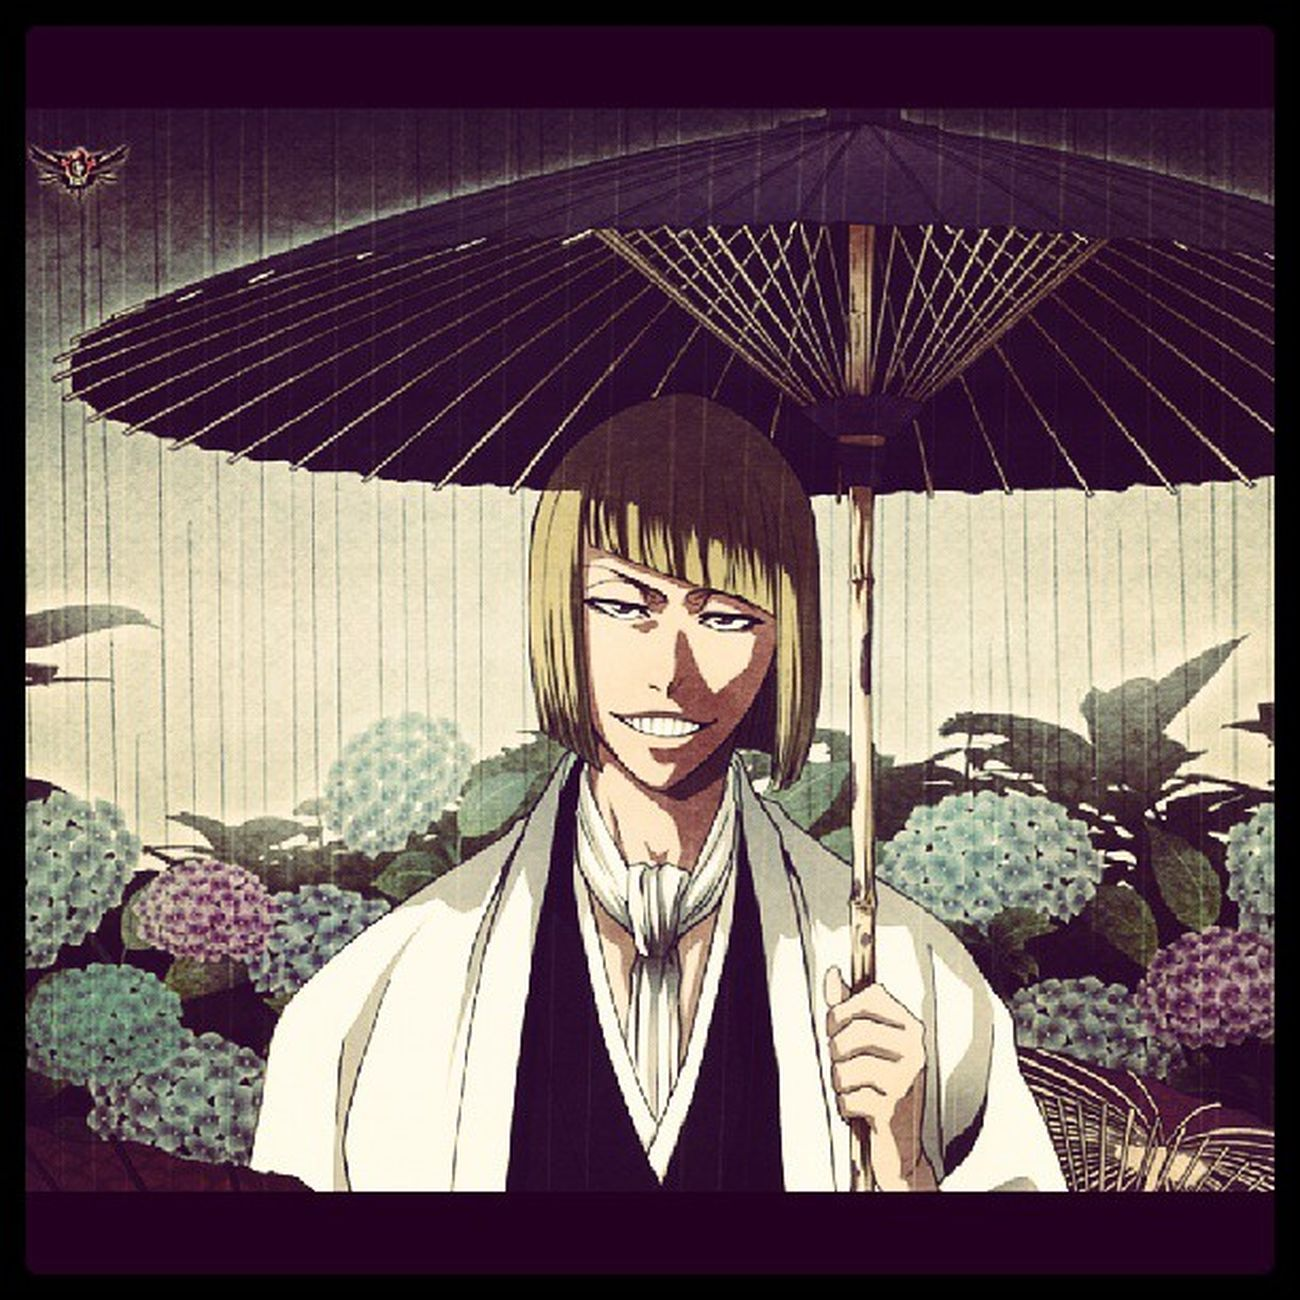 Hirako Shinji Bleach Hirakoshinji Taicho Aizensousuke ichigokurosaki kurosaki ichigo anime